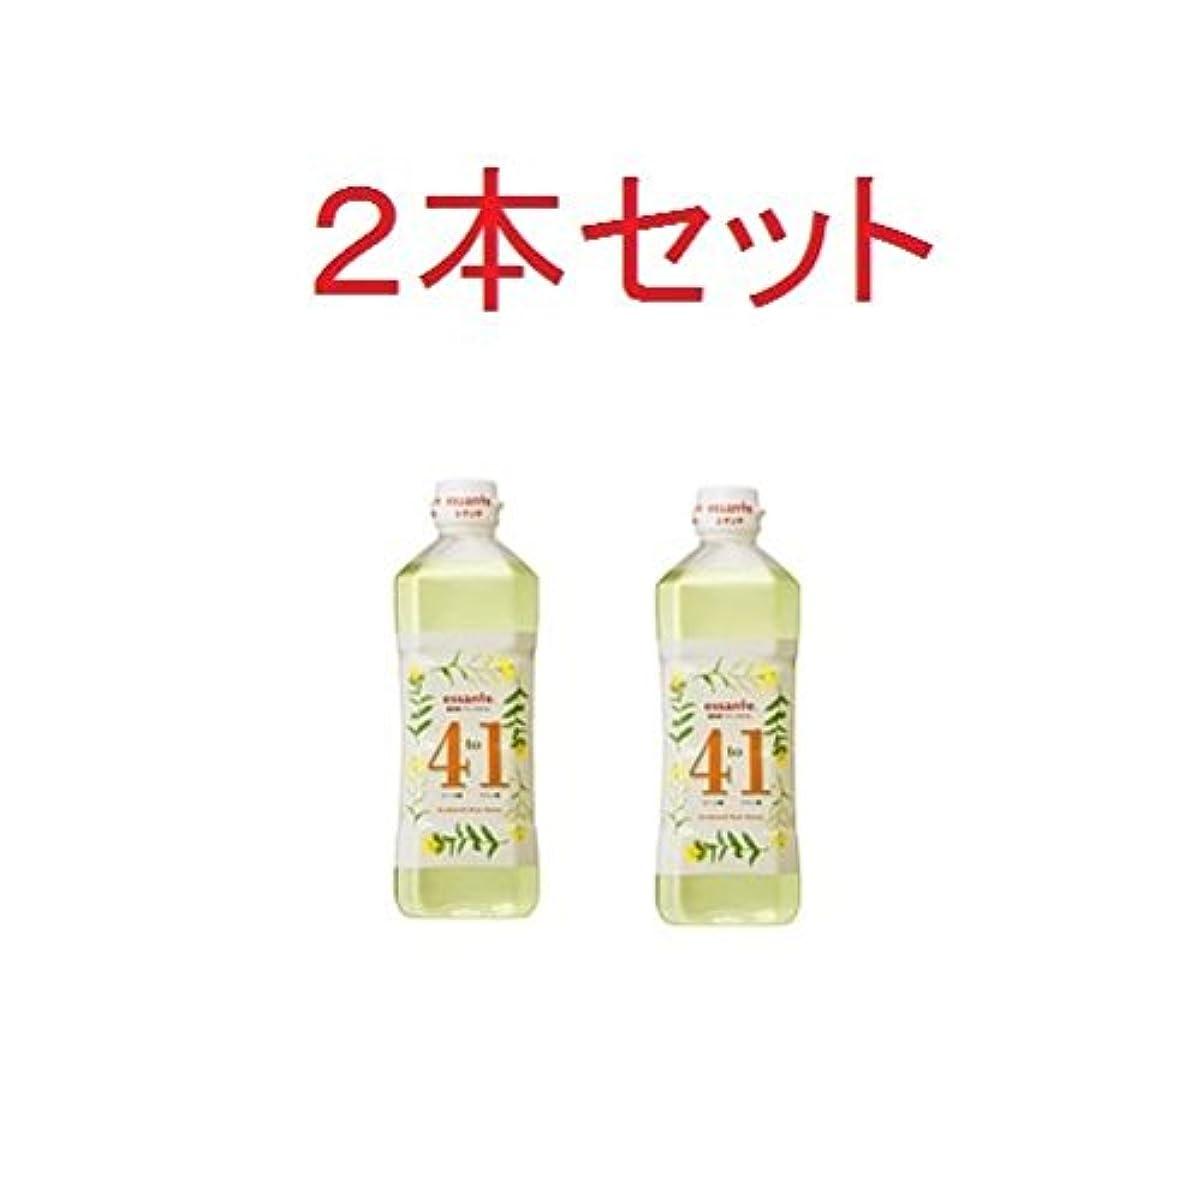 エピソード傾いたハロウィン2本セット アムウェイ エサンテ 4 to 1 脂肪酸バランスオイル